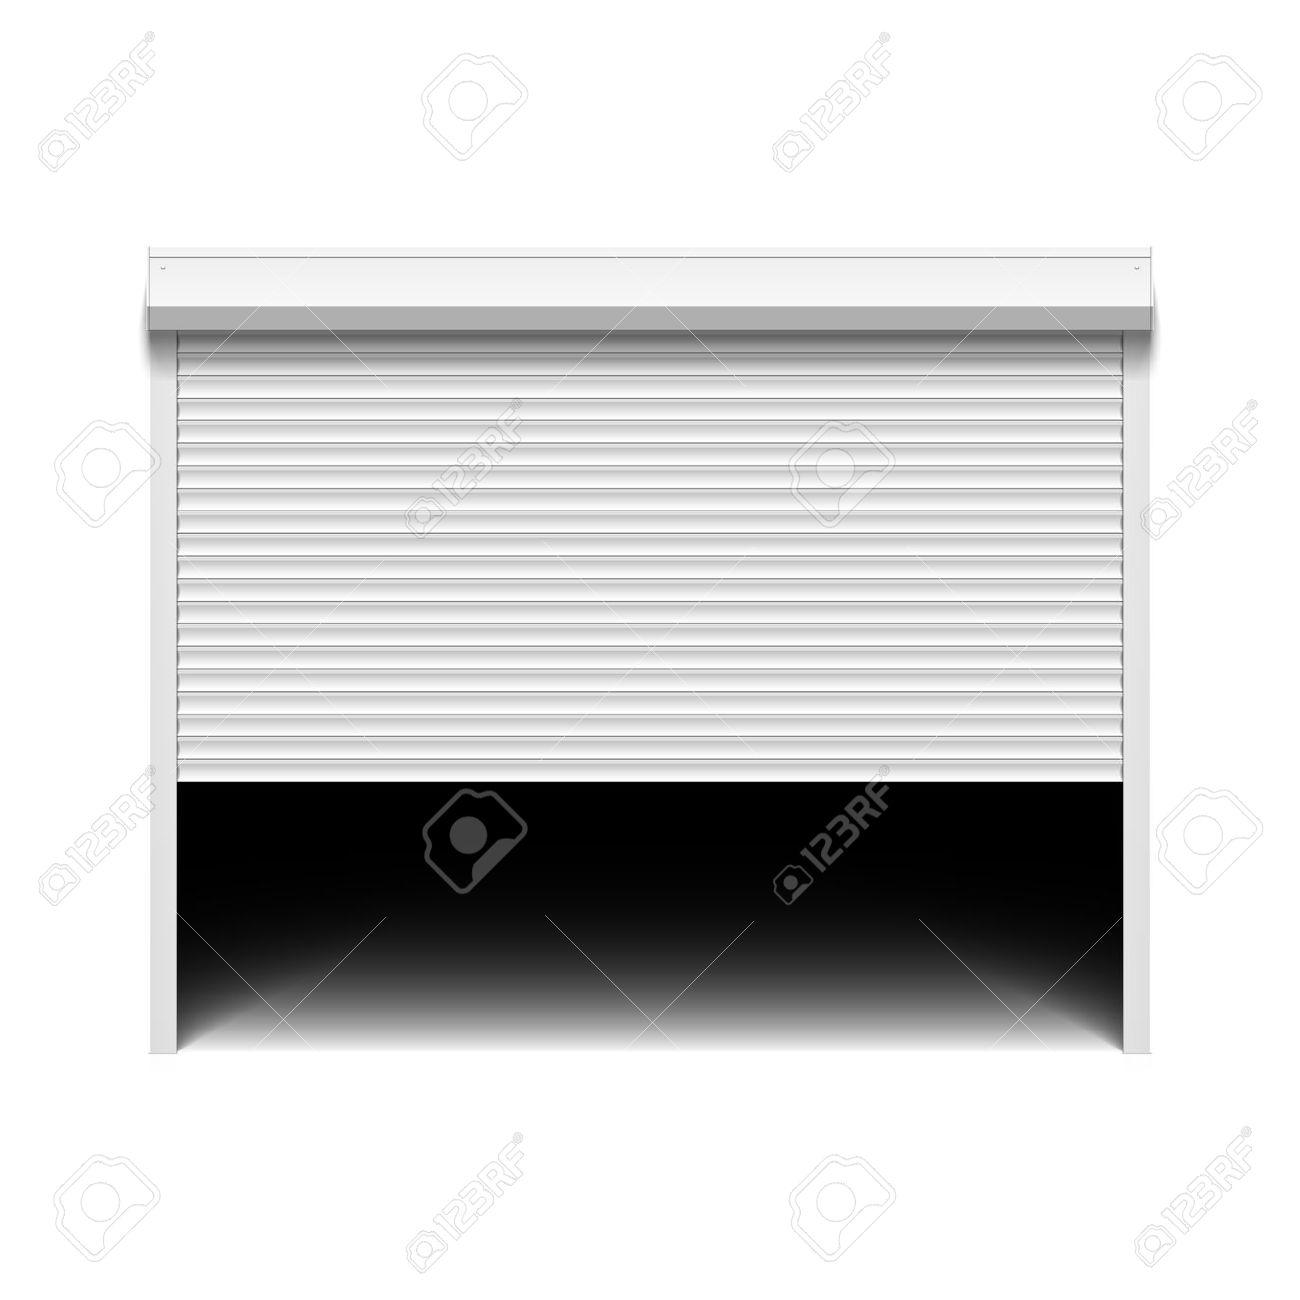 Garage door clipart.